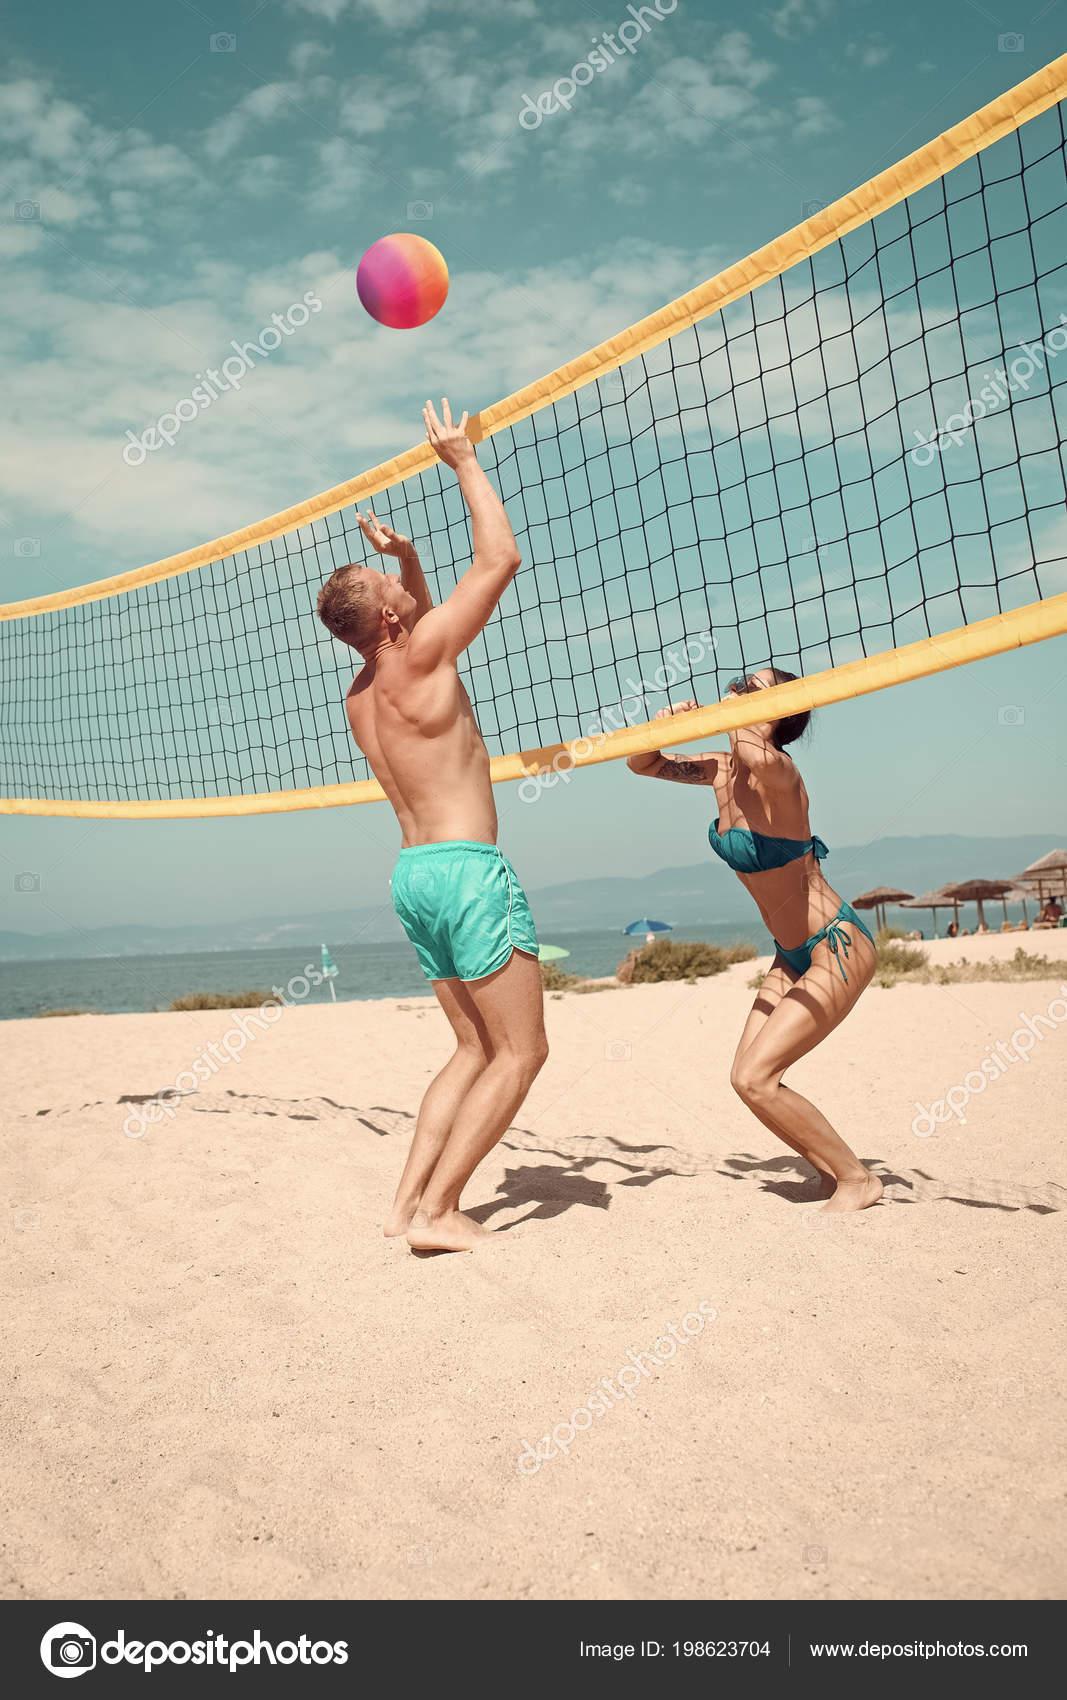 44aed15778d08 Concepto de voleibol de playa. Par divertirse jugando voleibol. Joven  pareja activo deportivo bata de voleibol